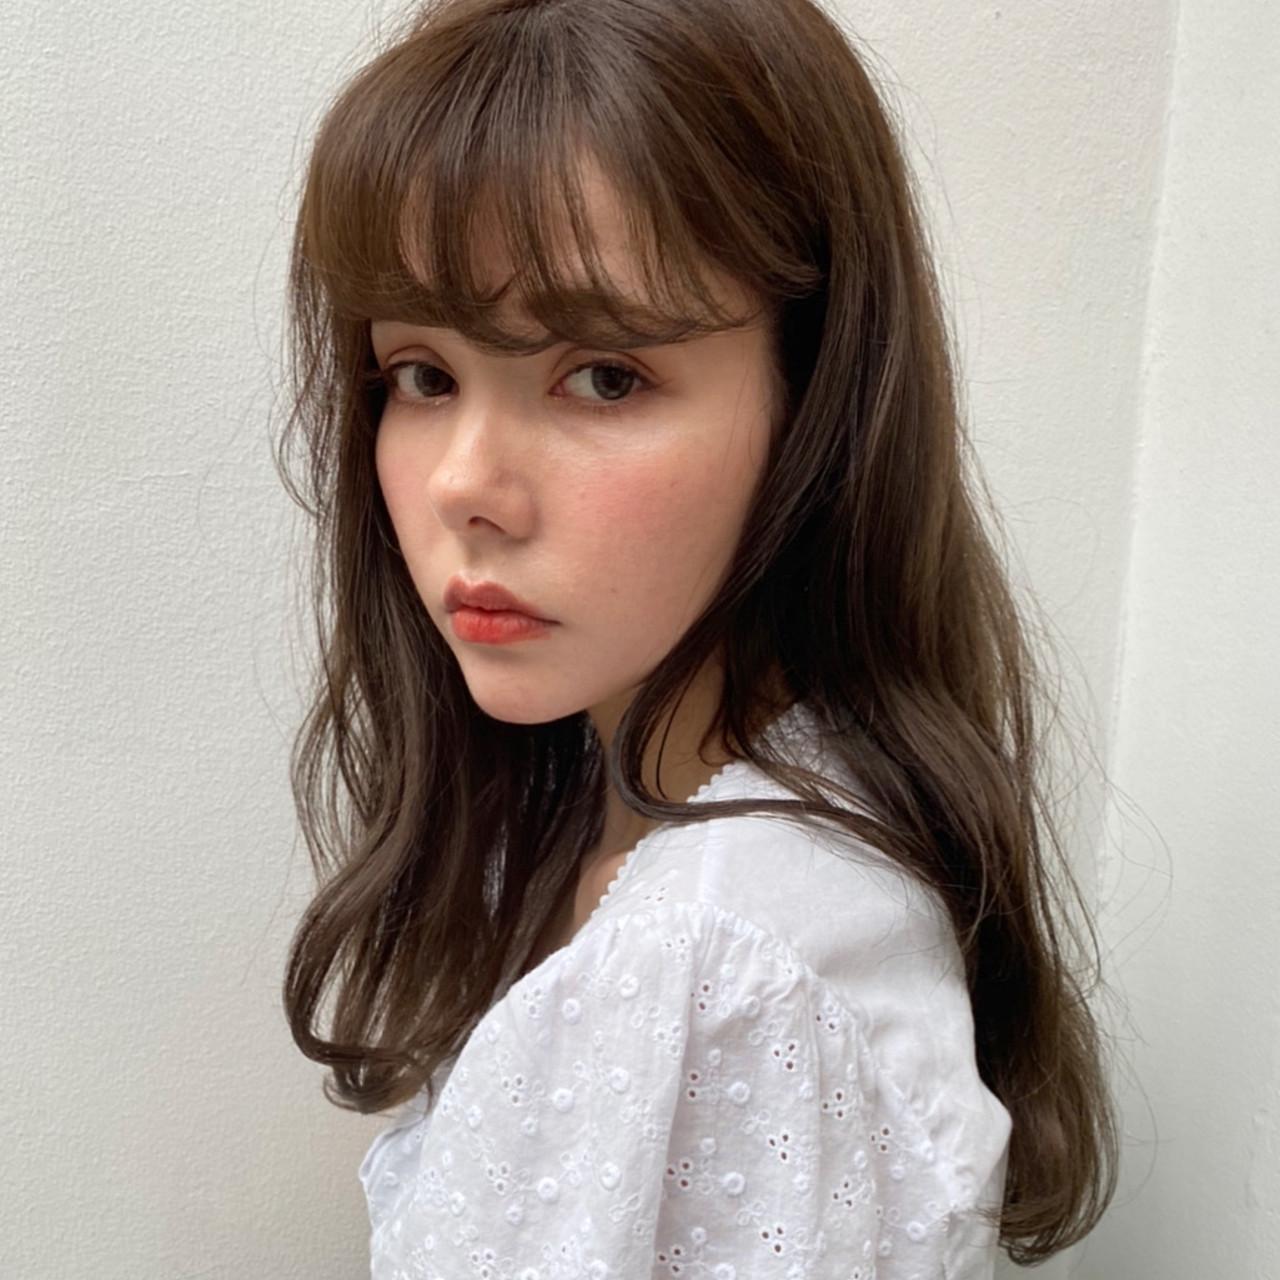 ゆるふわパーマ ニュアンスパーマ ロング パーマ ヘアスタイルや髪型の写真・画像